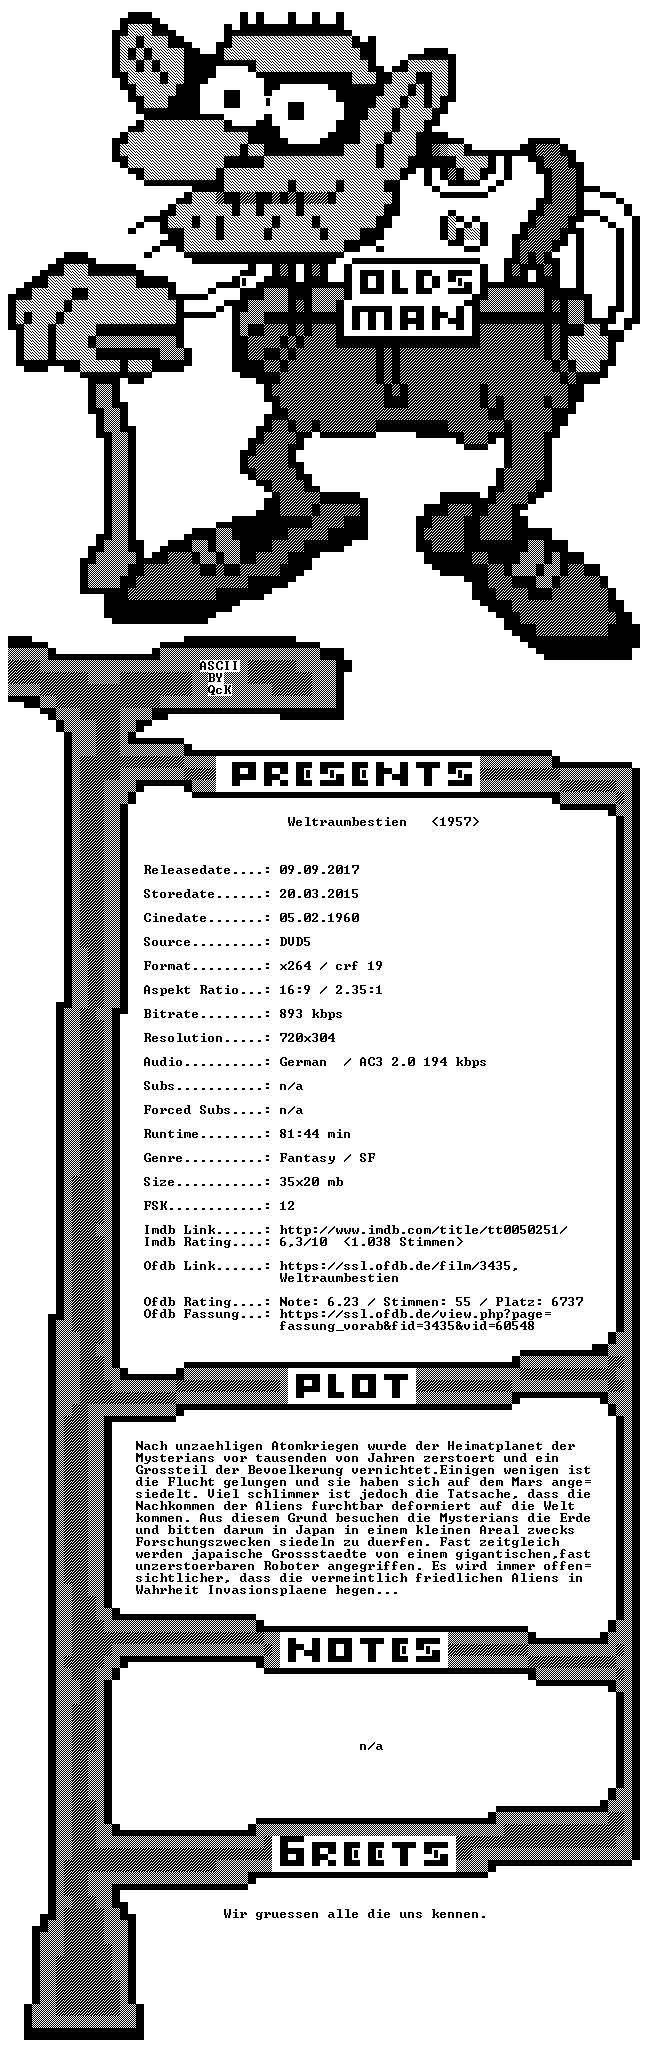 Weltraumbestien GERMAN 1957 DVDRip x264-OldsMan